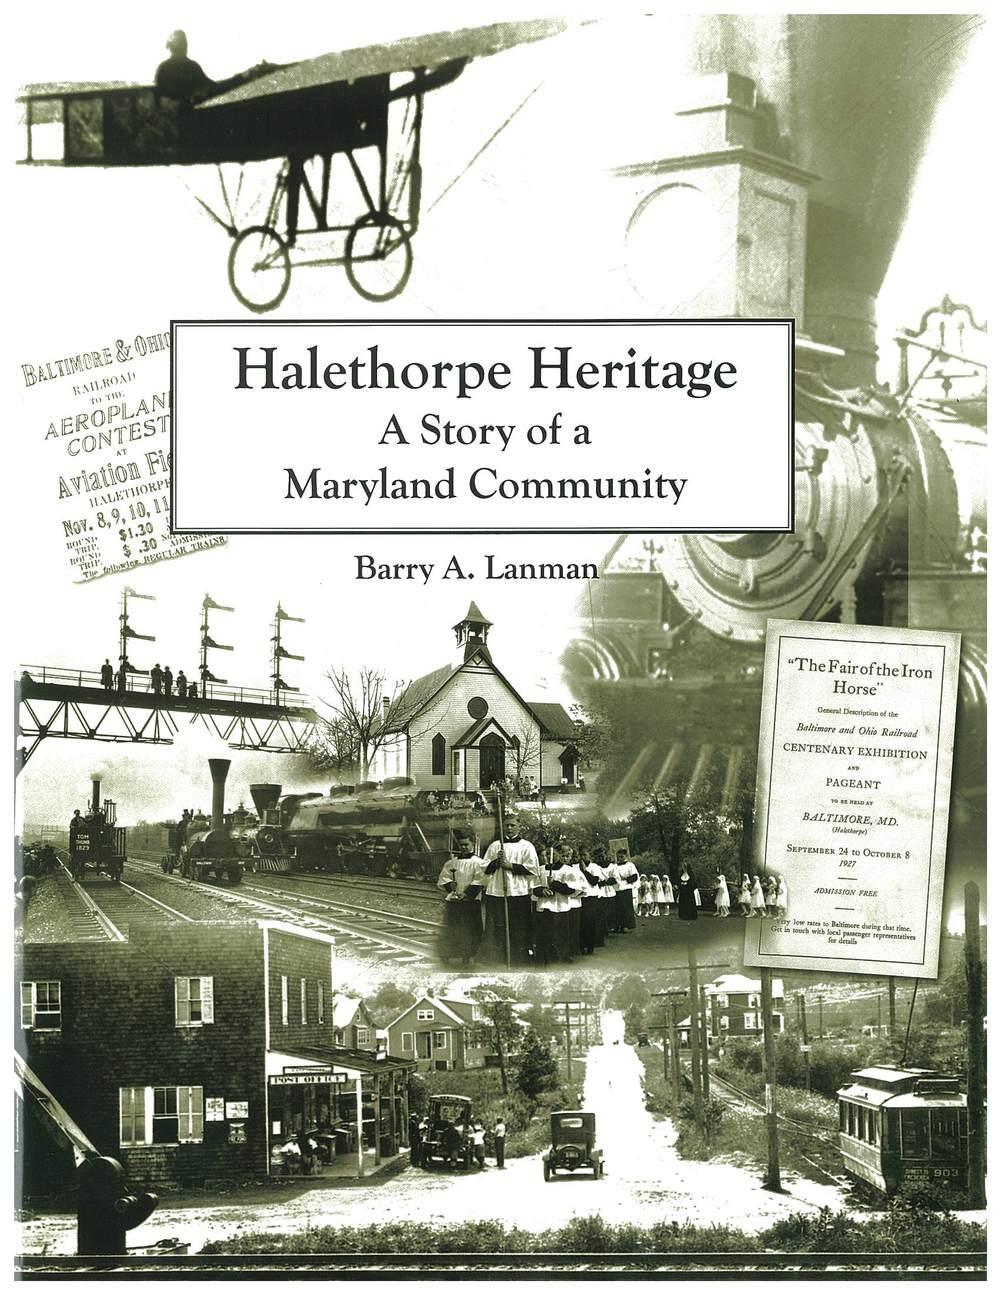 Halethorpe Heritage.jpg